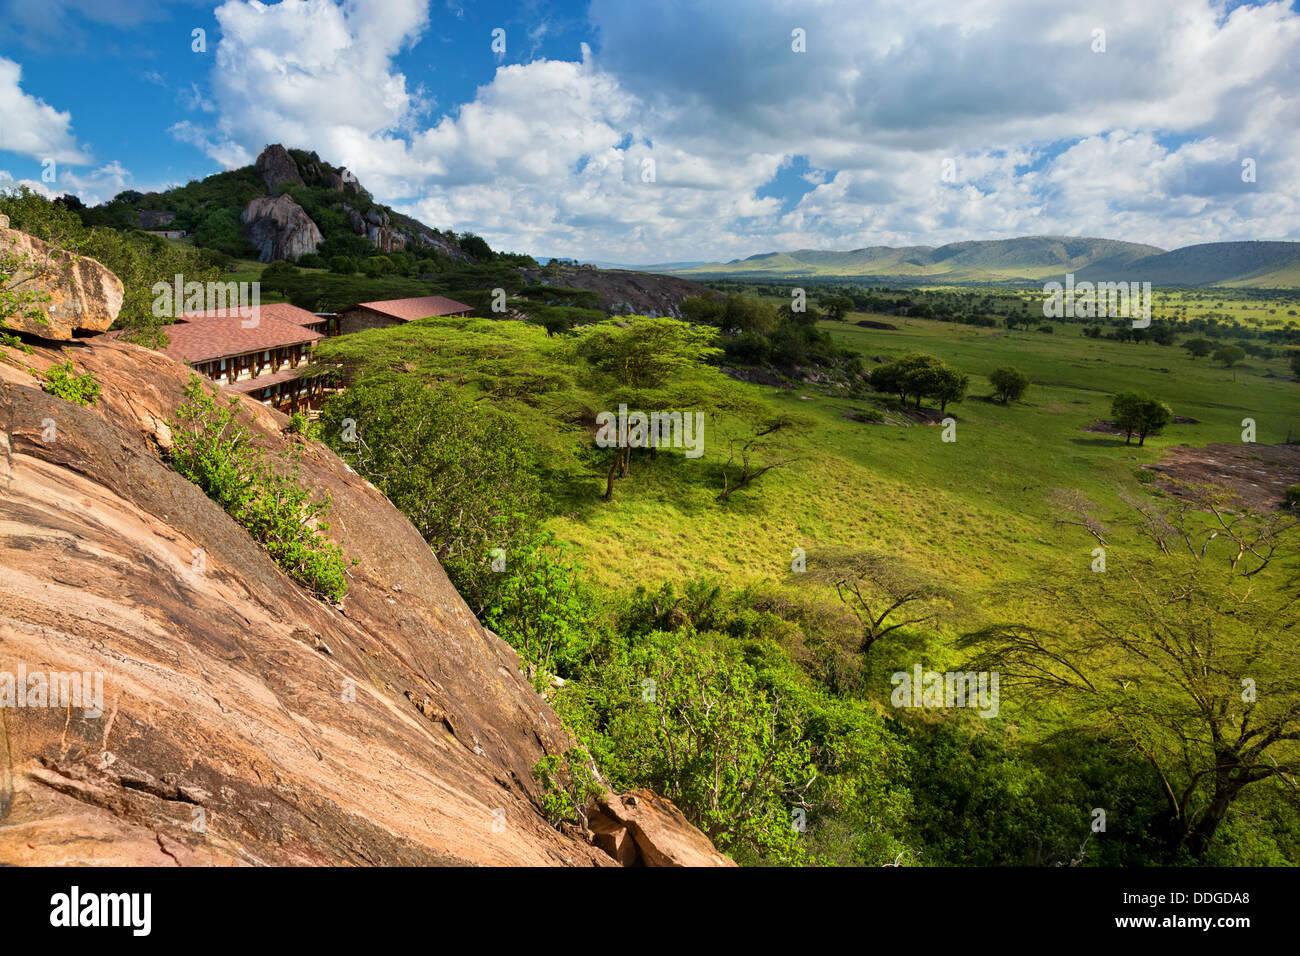 Savana paesaggio e tourist lodge nel Parco Nazionale del Serengeti, Tanzania Africa. Immagini Stock